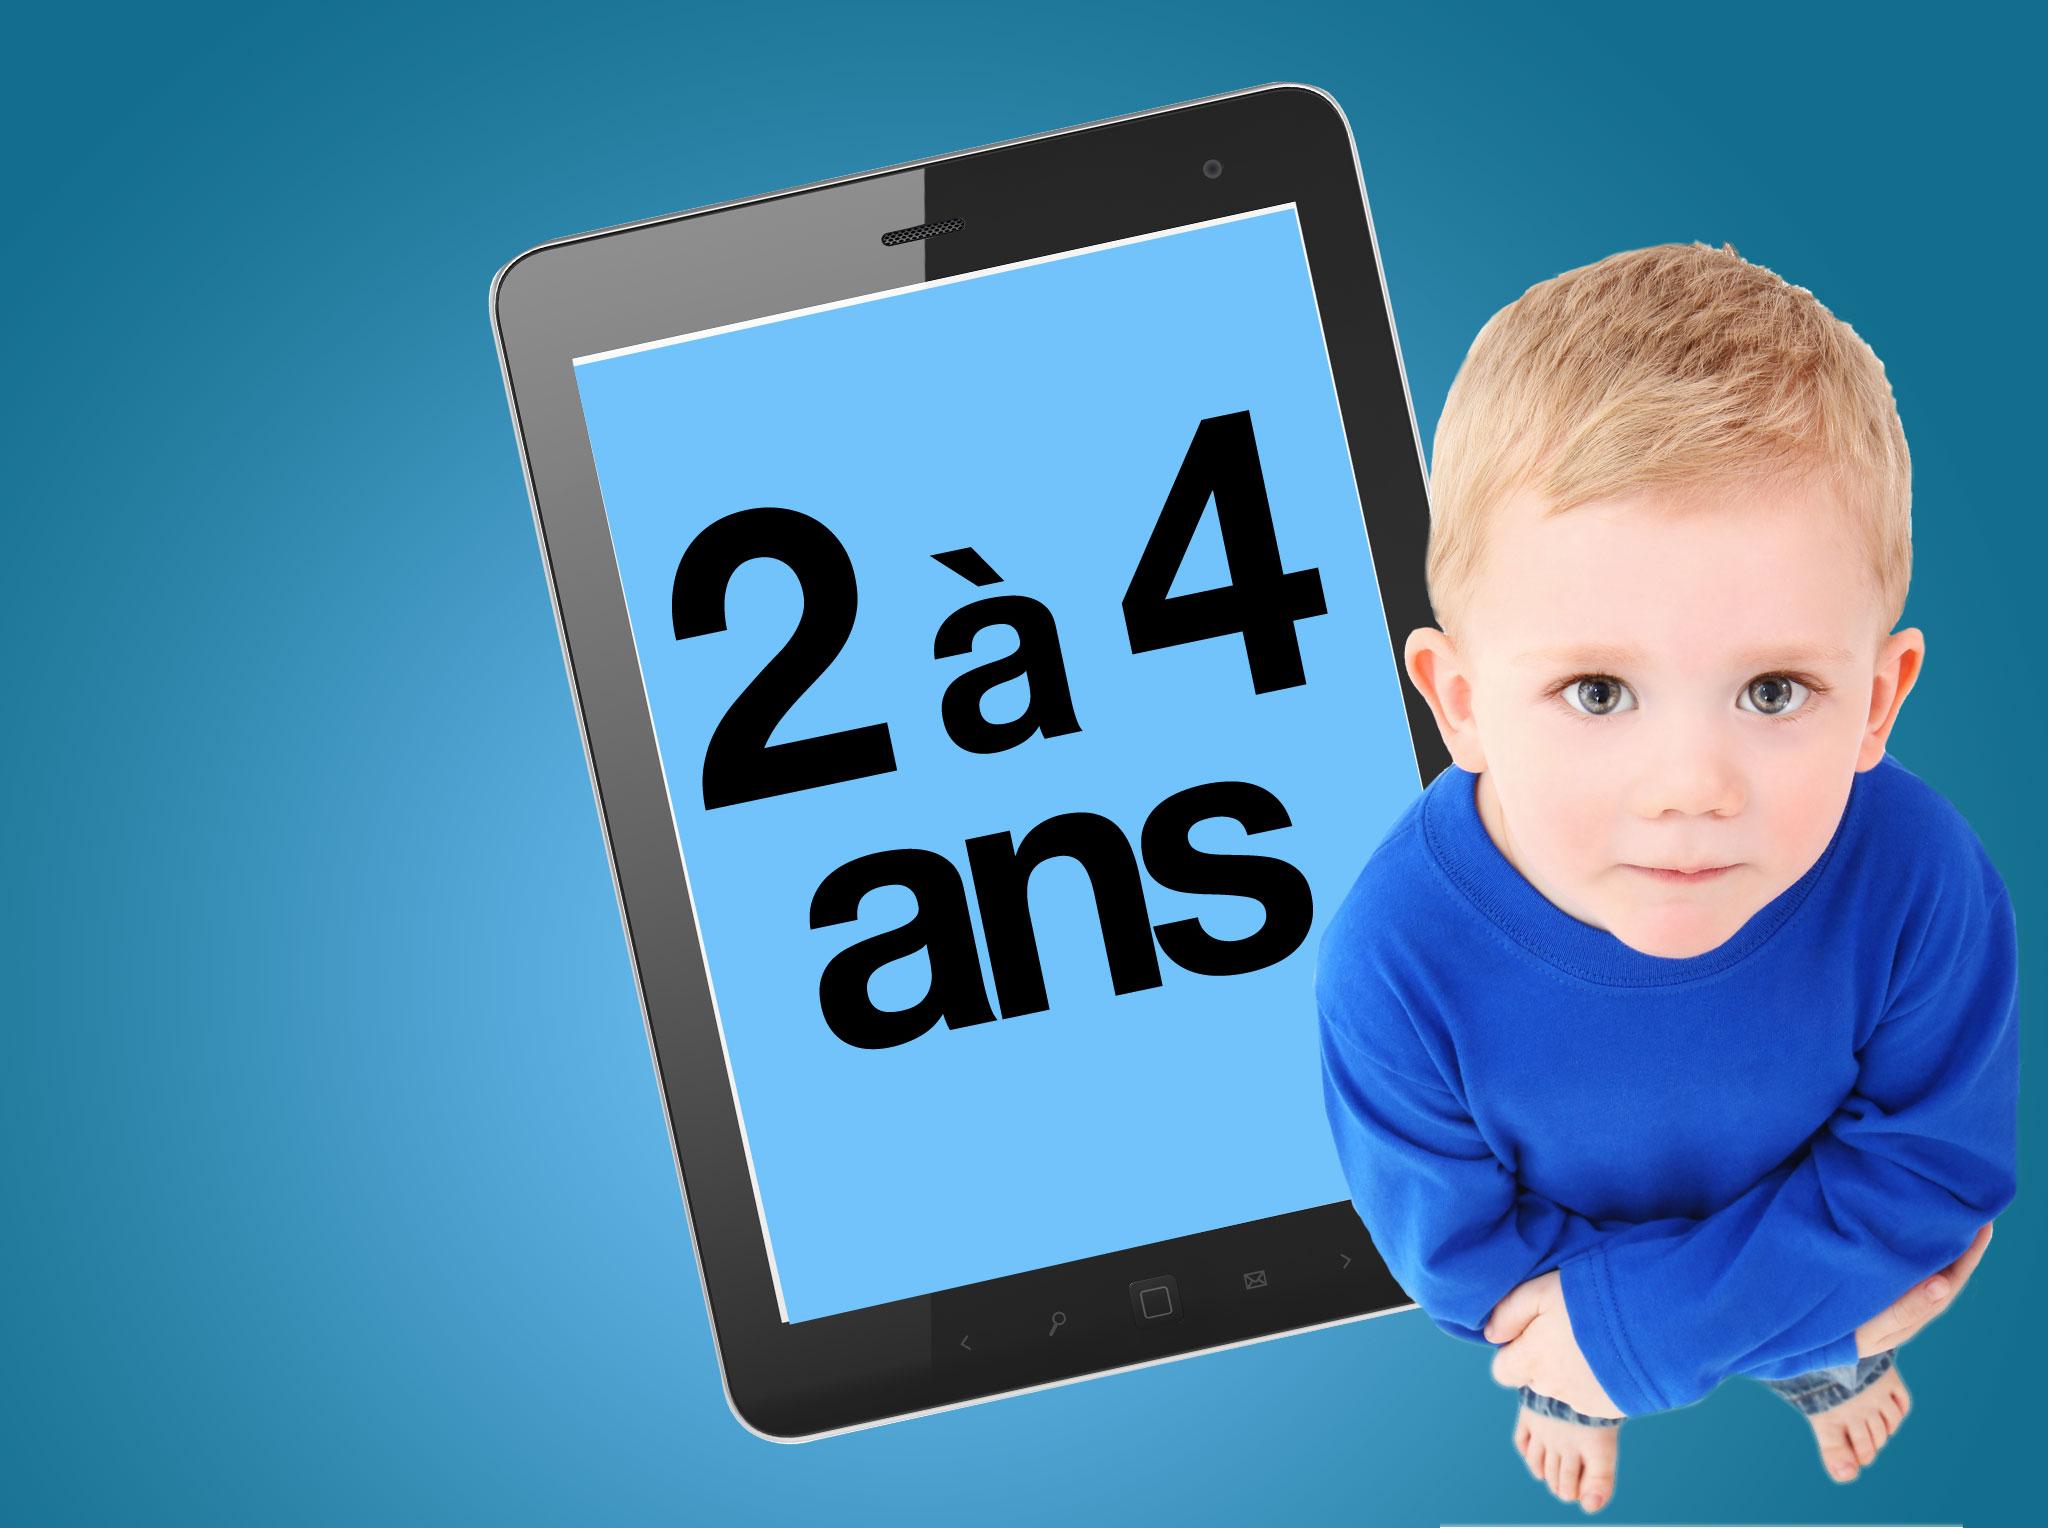 Jeux Sur Tablette: 64 Choix Pour Enfants | Protégez-Vous.ca destiné Jeux 3 Ans En Ligne Gratuit